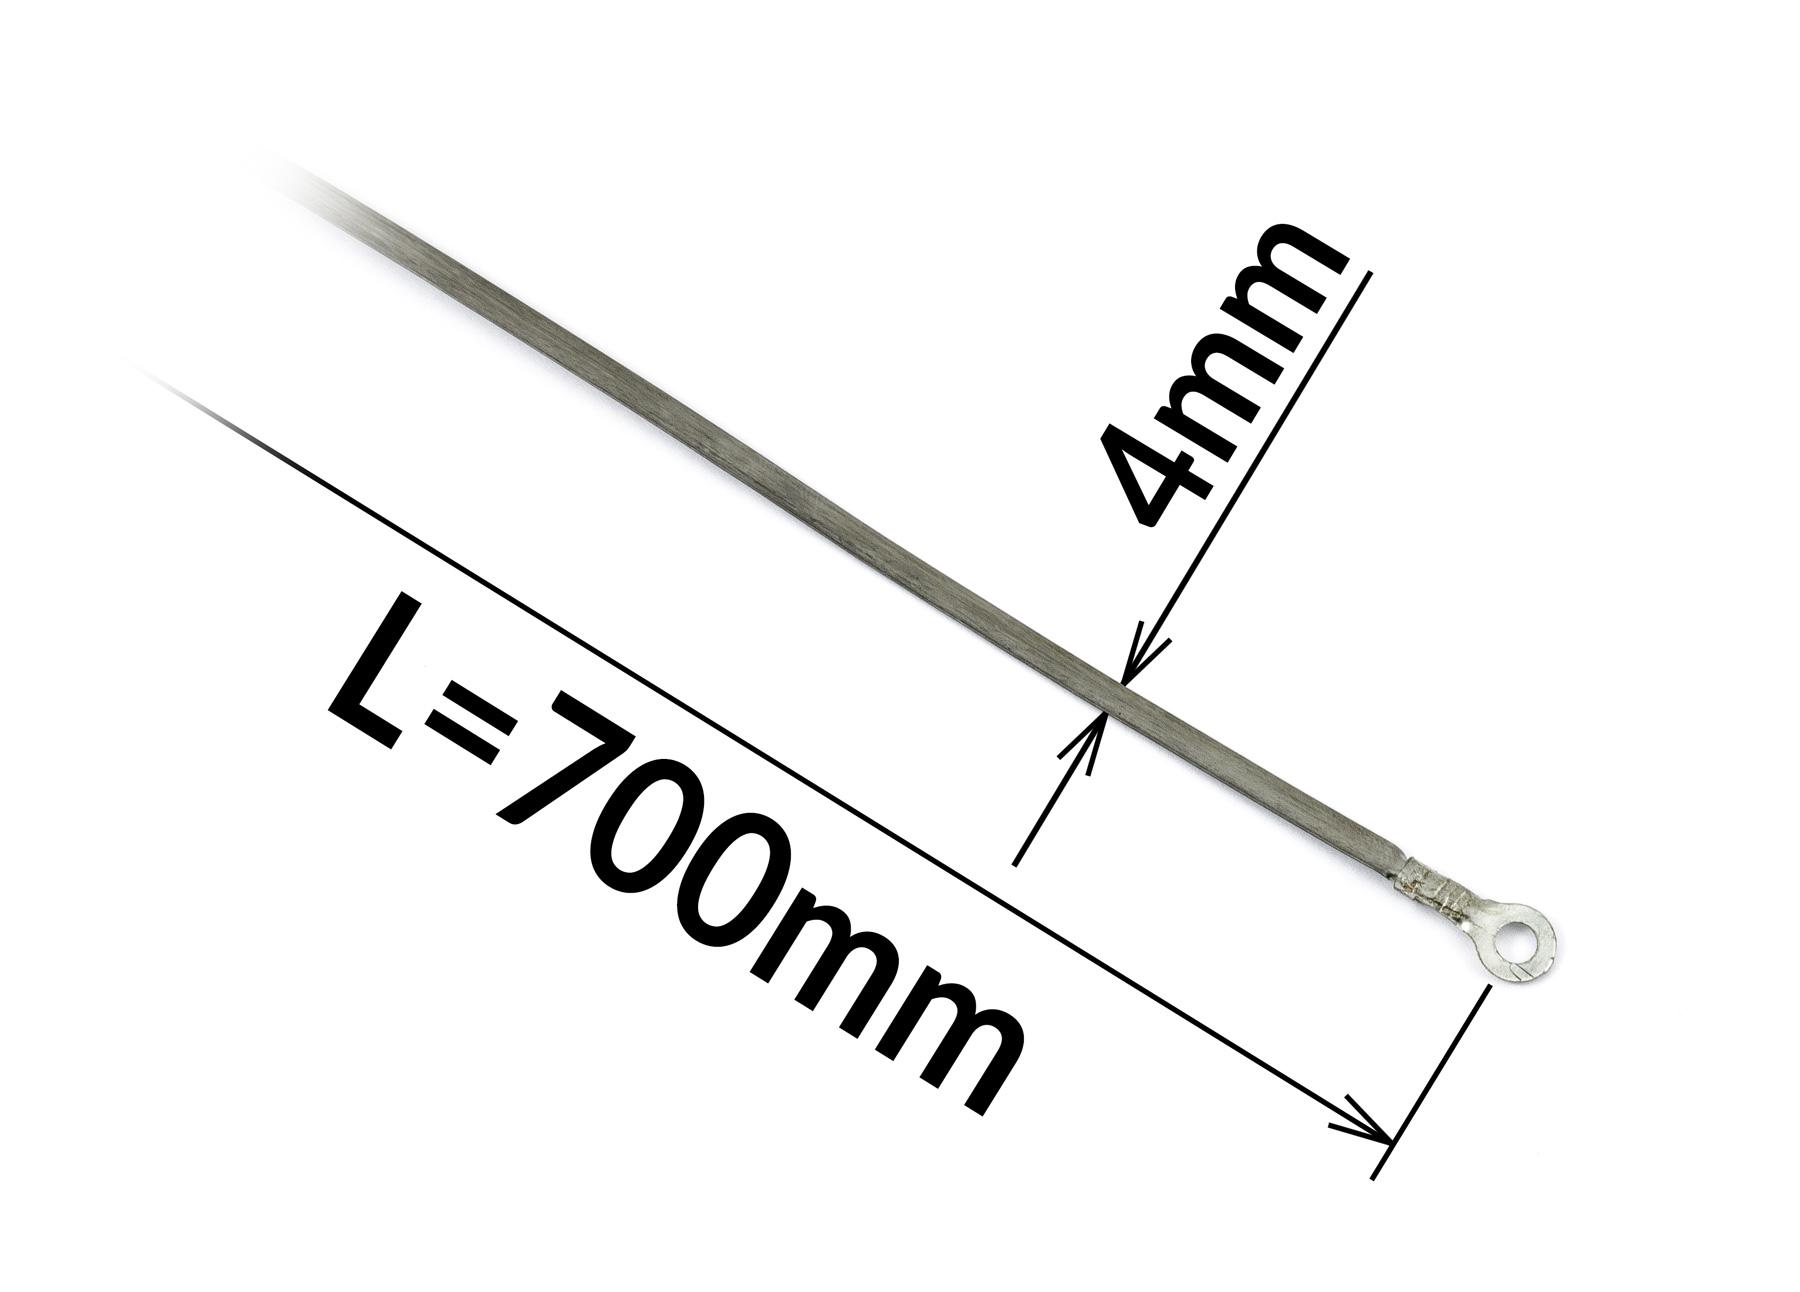 Odporový tavný drát ke svářečce FRN-700 a PFS-700A šířka 4mm